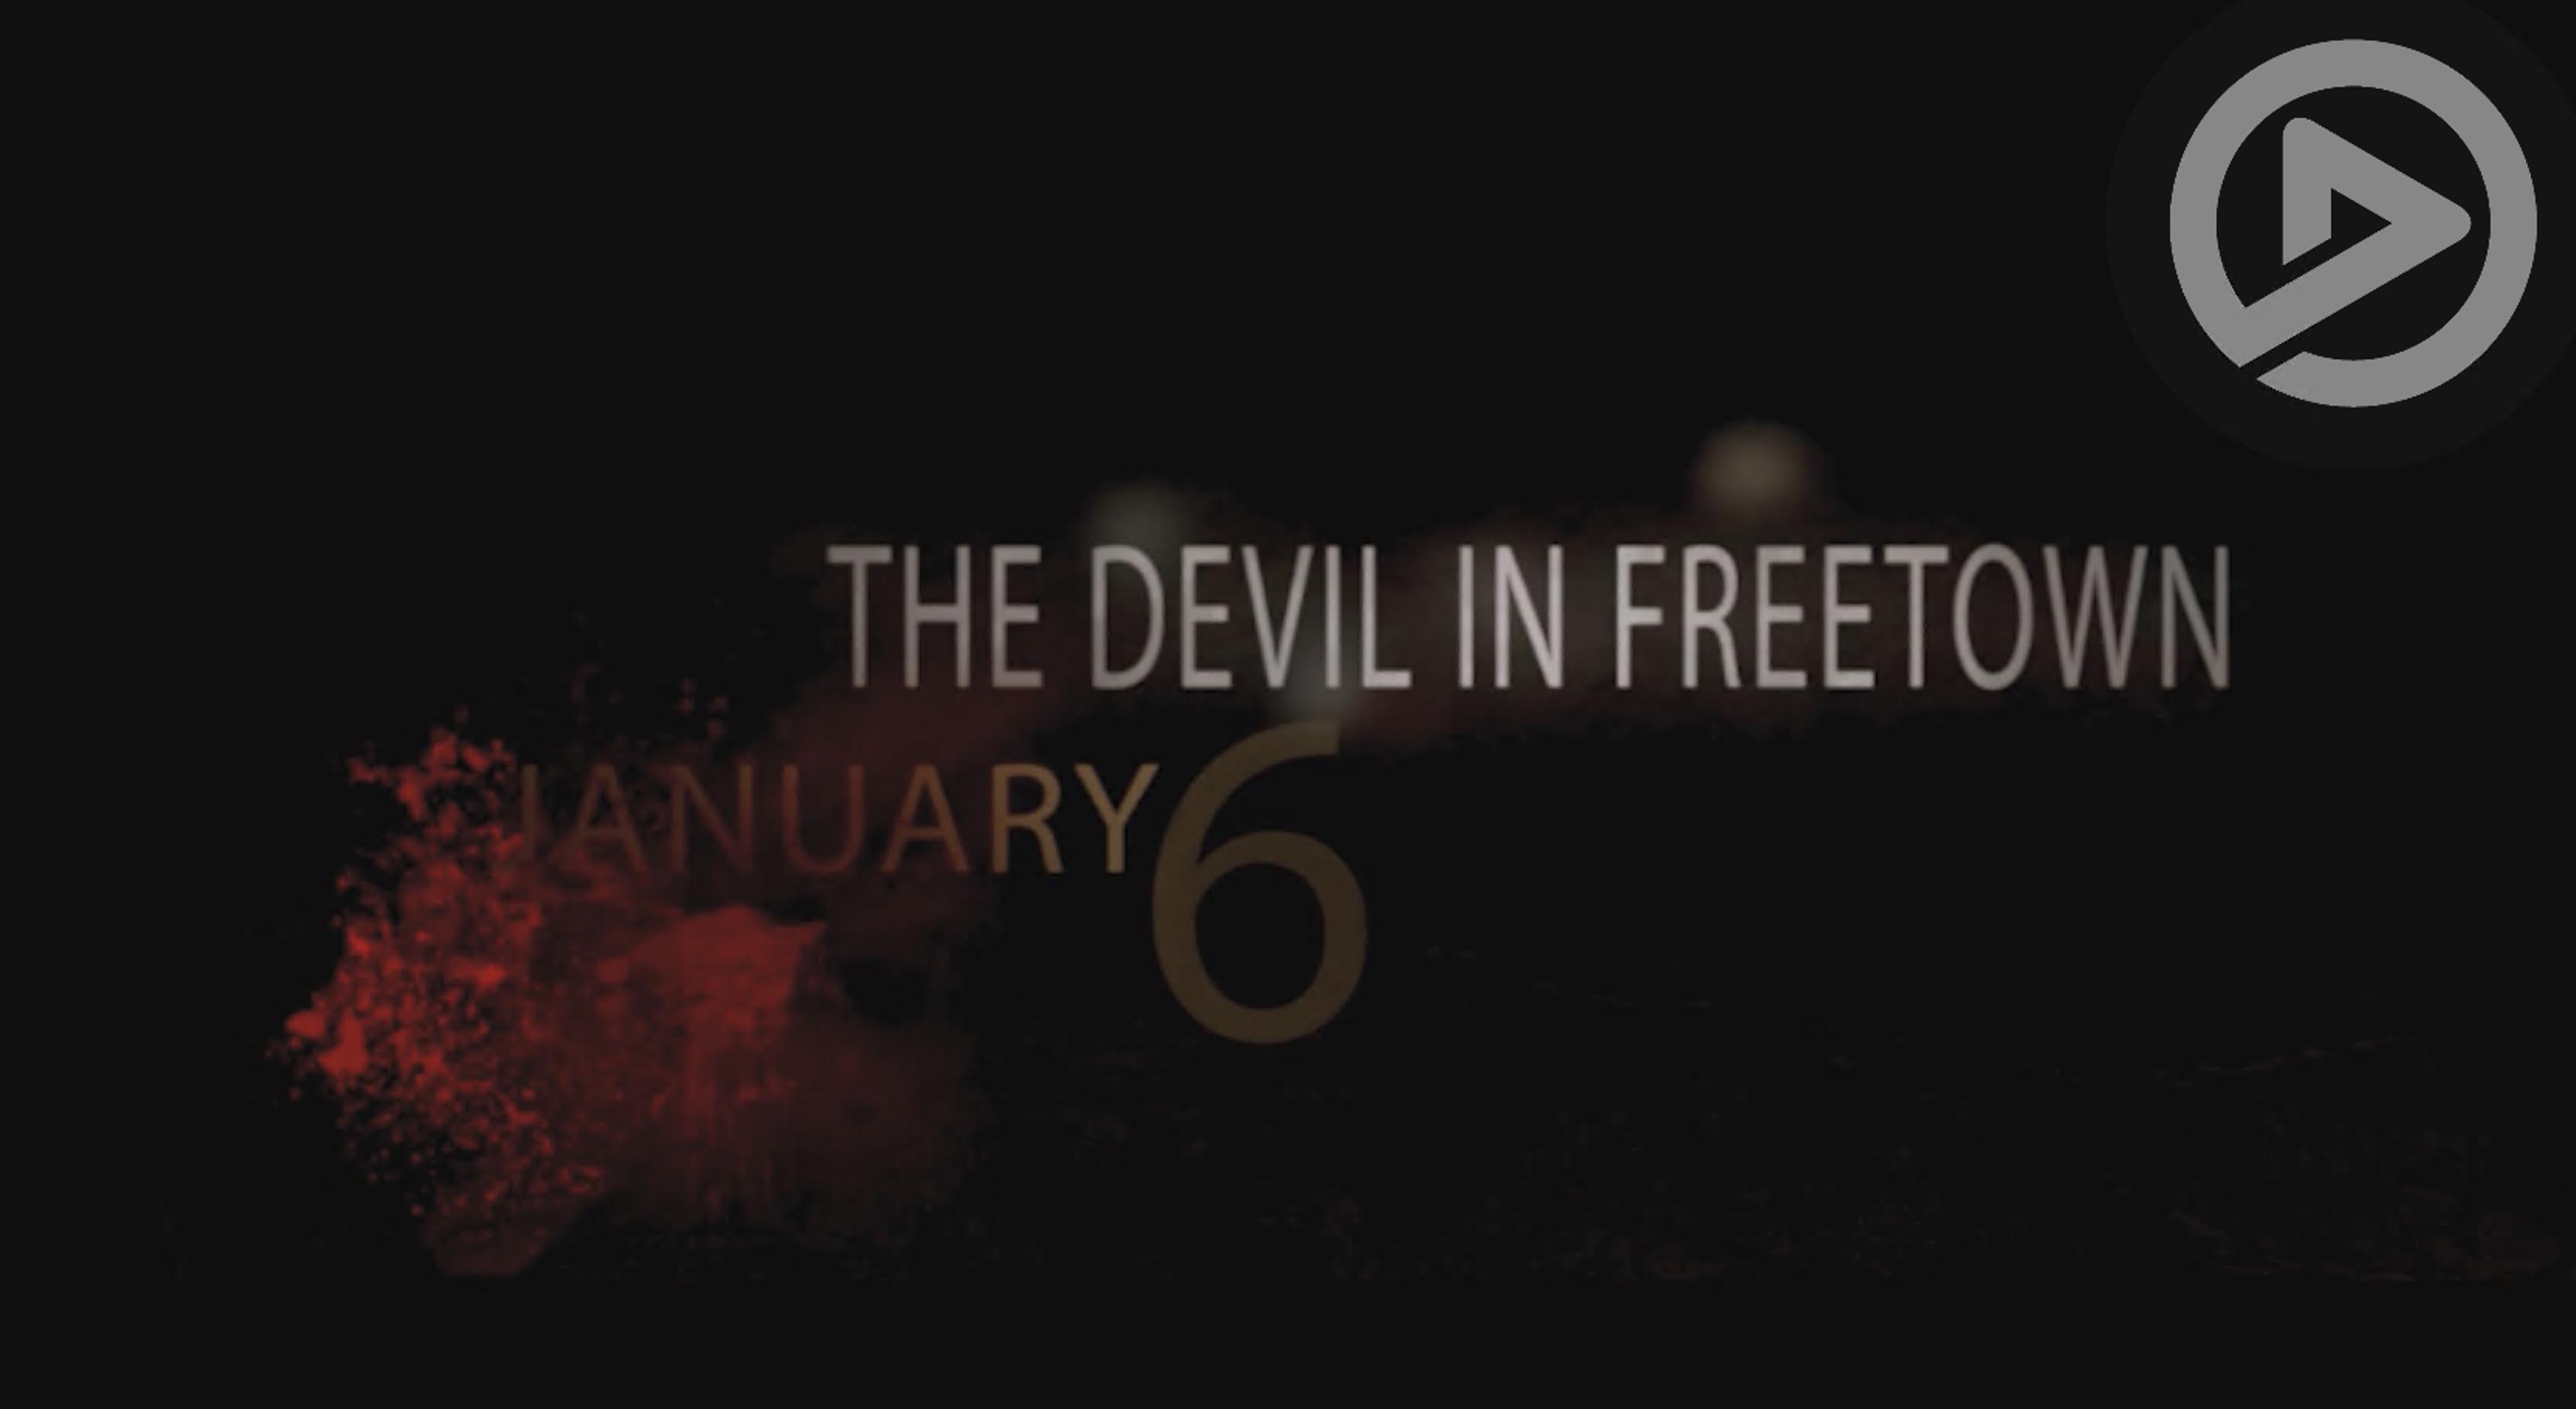 Devil in Freetown